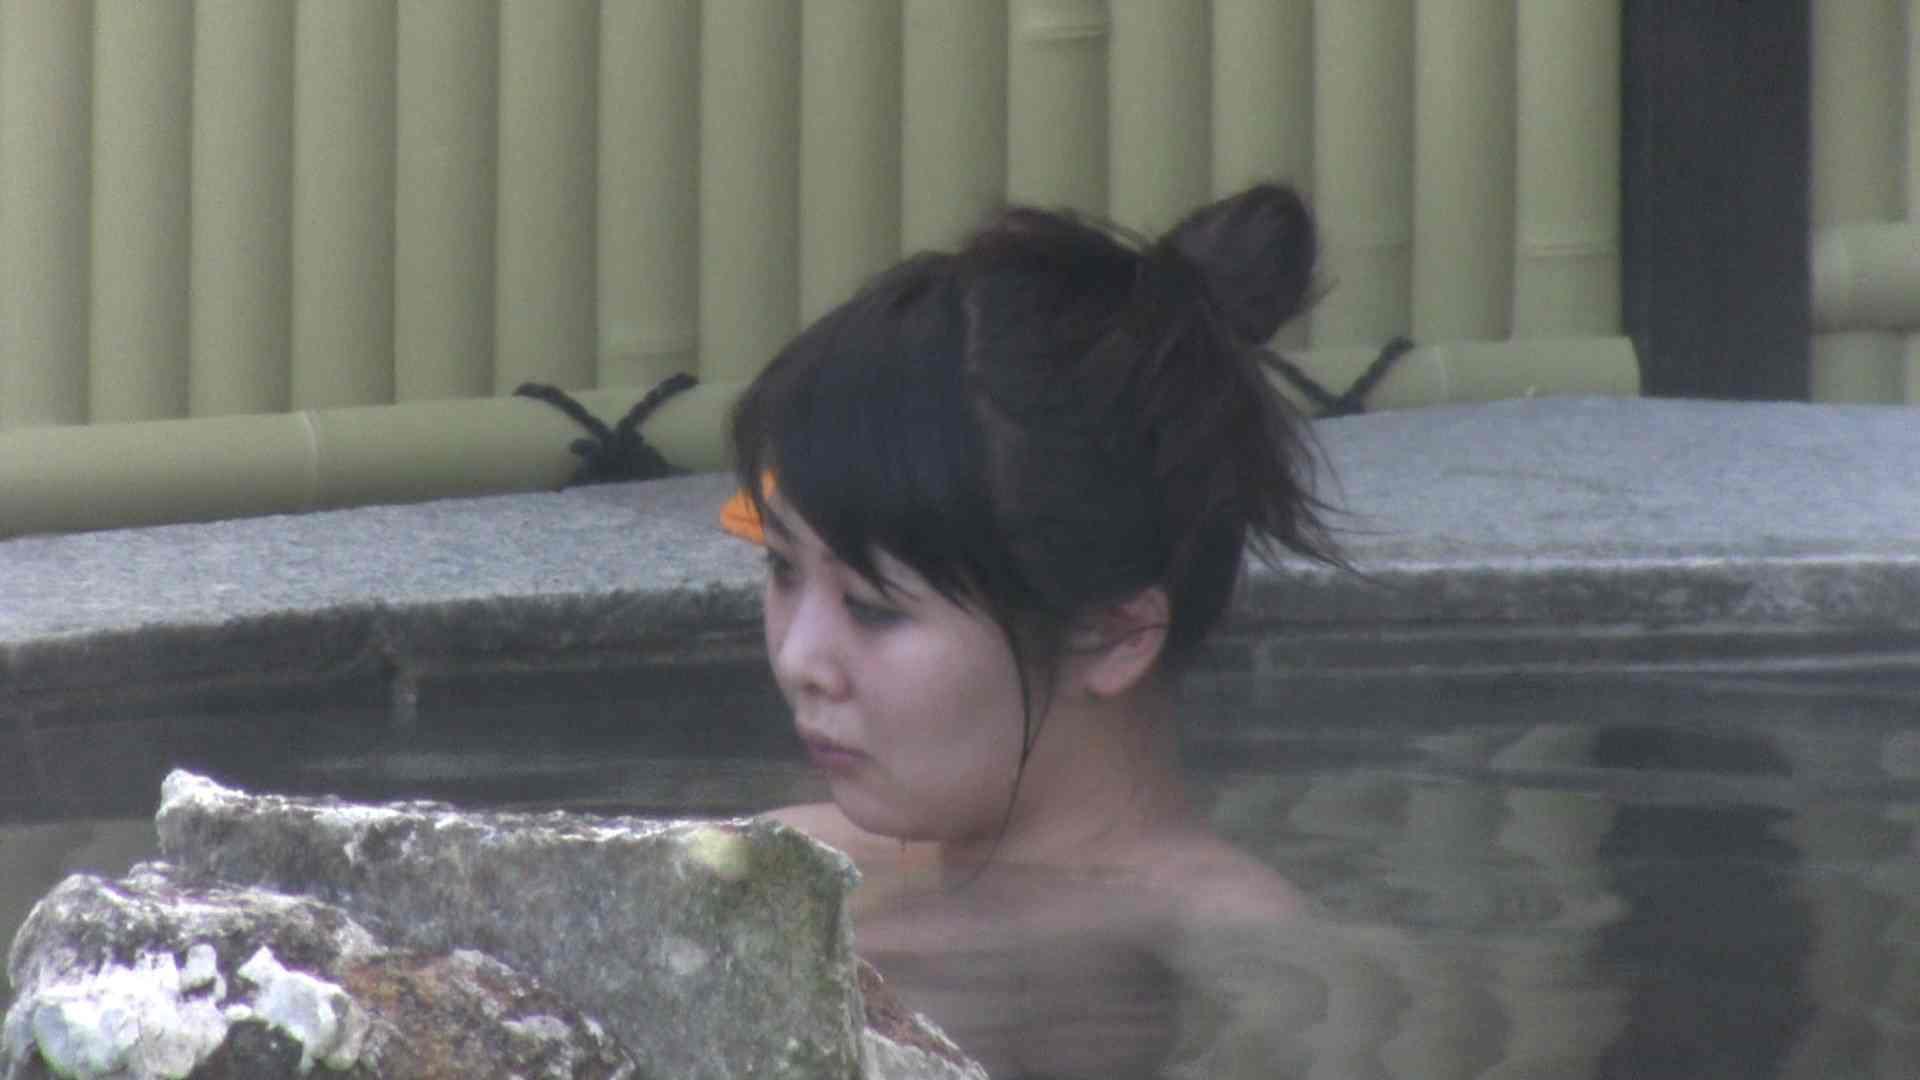 Aquaな露天風呂Vol.118 いやらしいOL おまんこ無修正動画無料 85連発 38